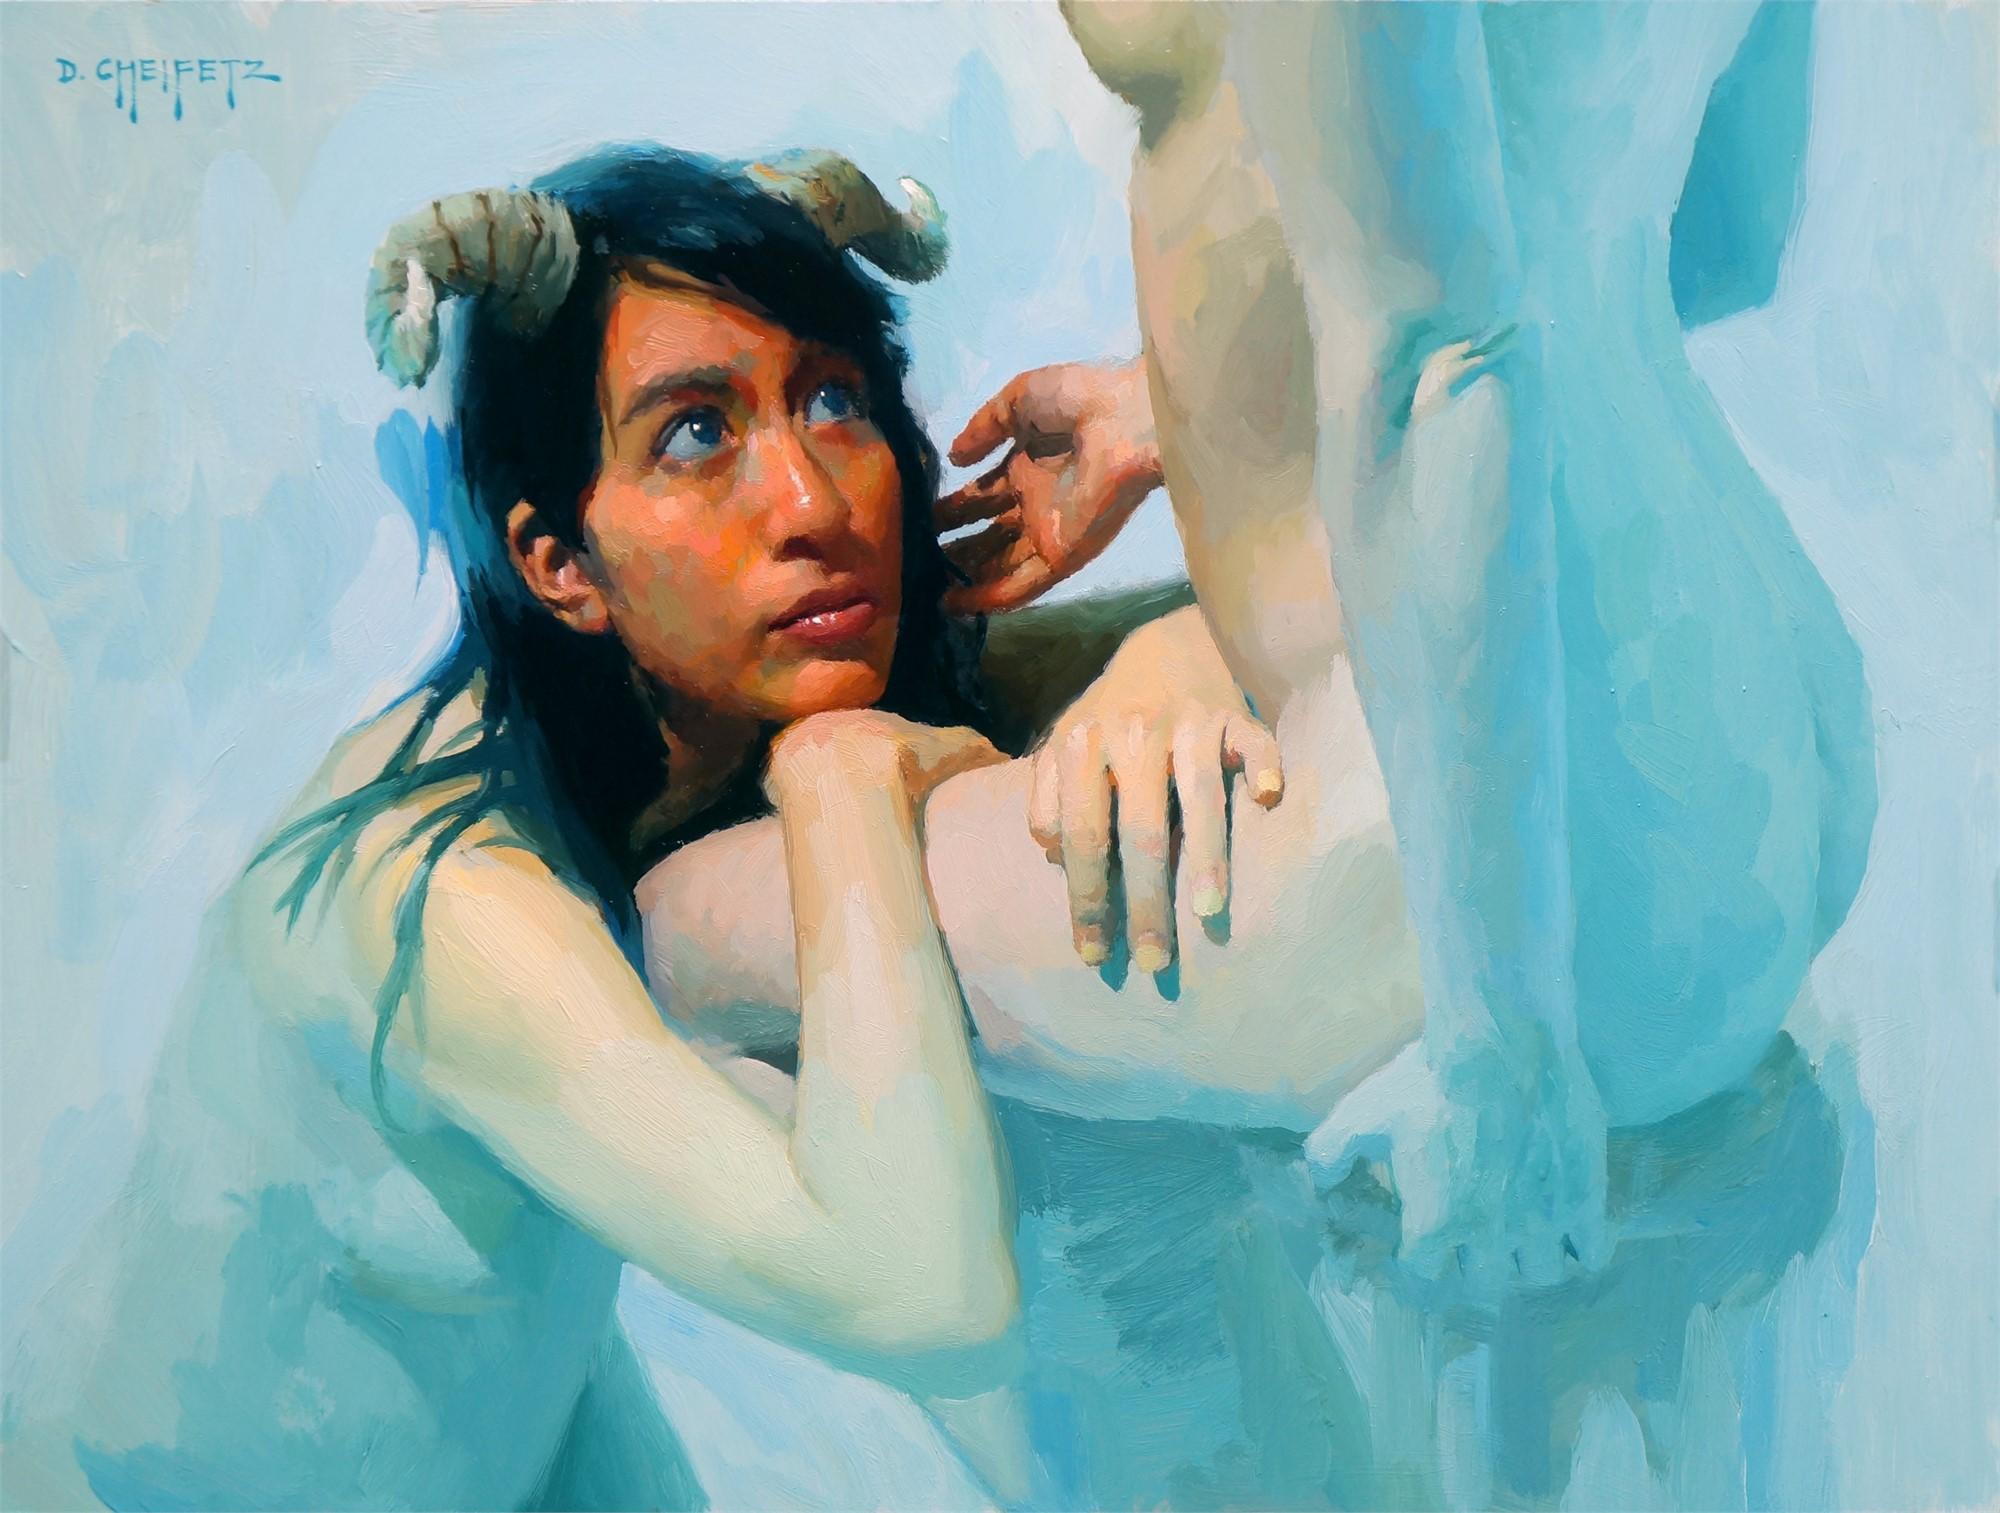 Supplicant by David Cheifetz